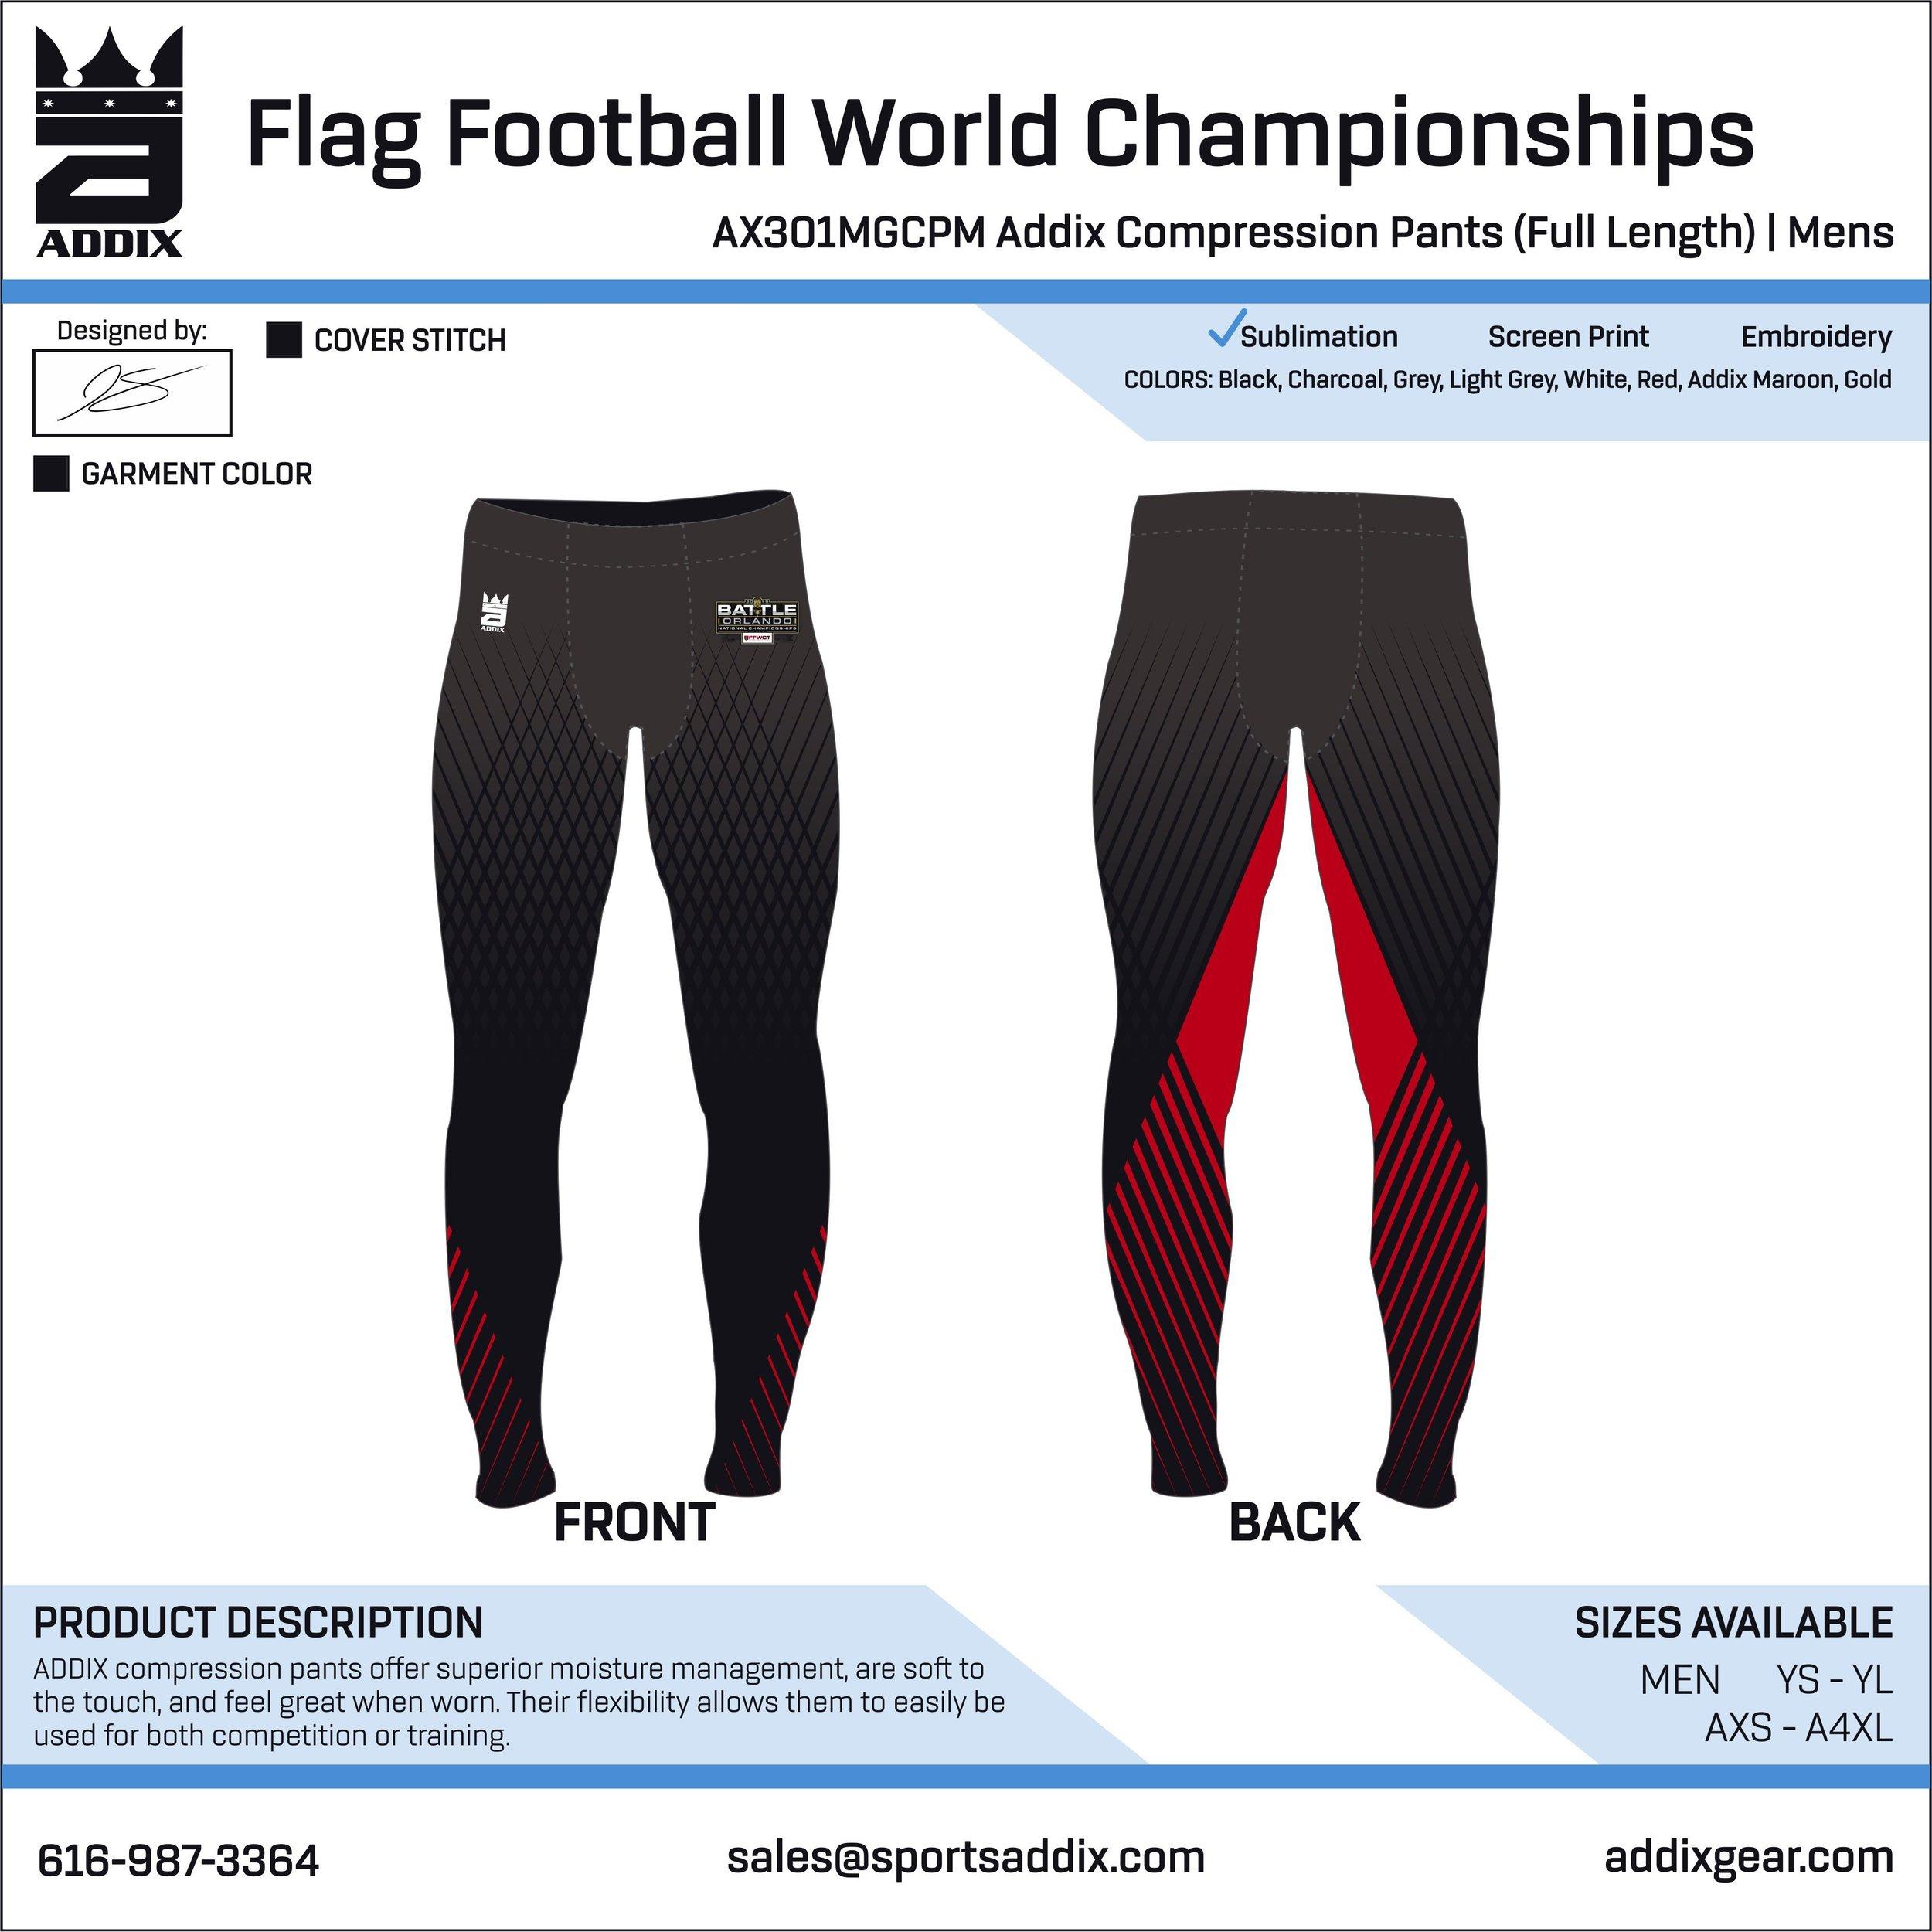 Flag Football World Championships_2018_12-26_JE_Comp Pants.jpg